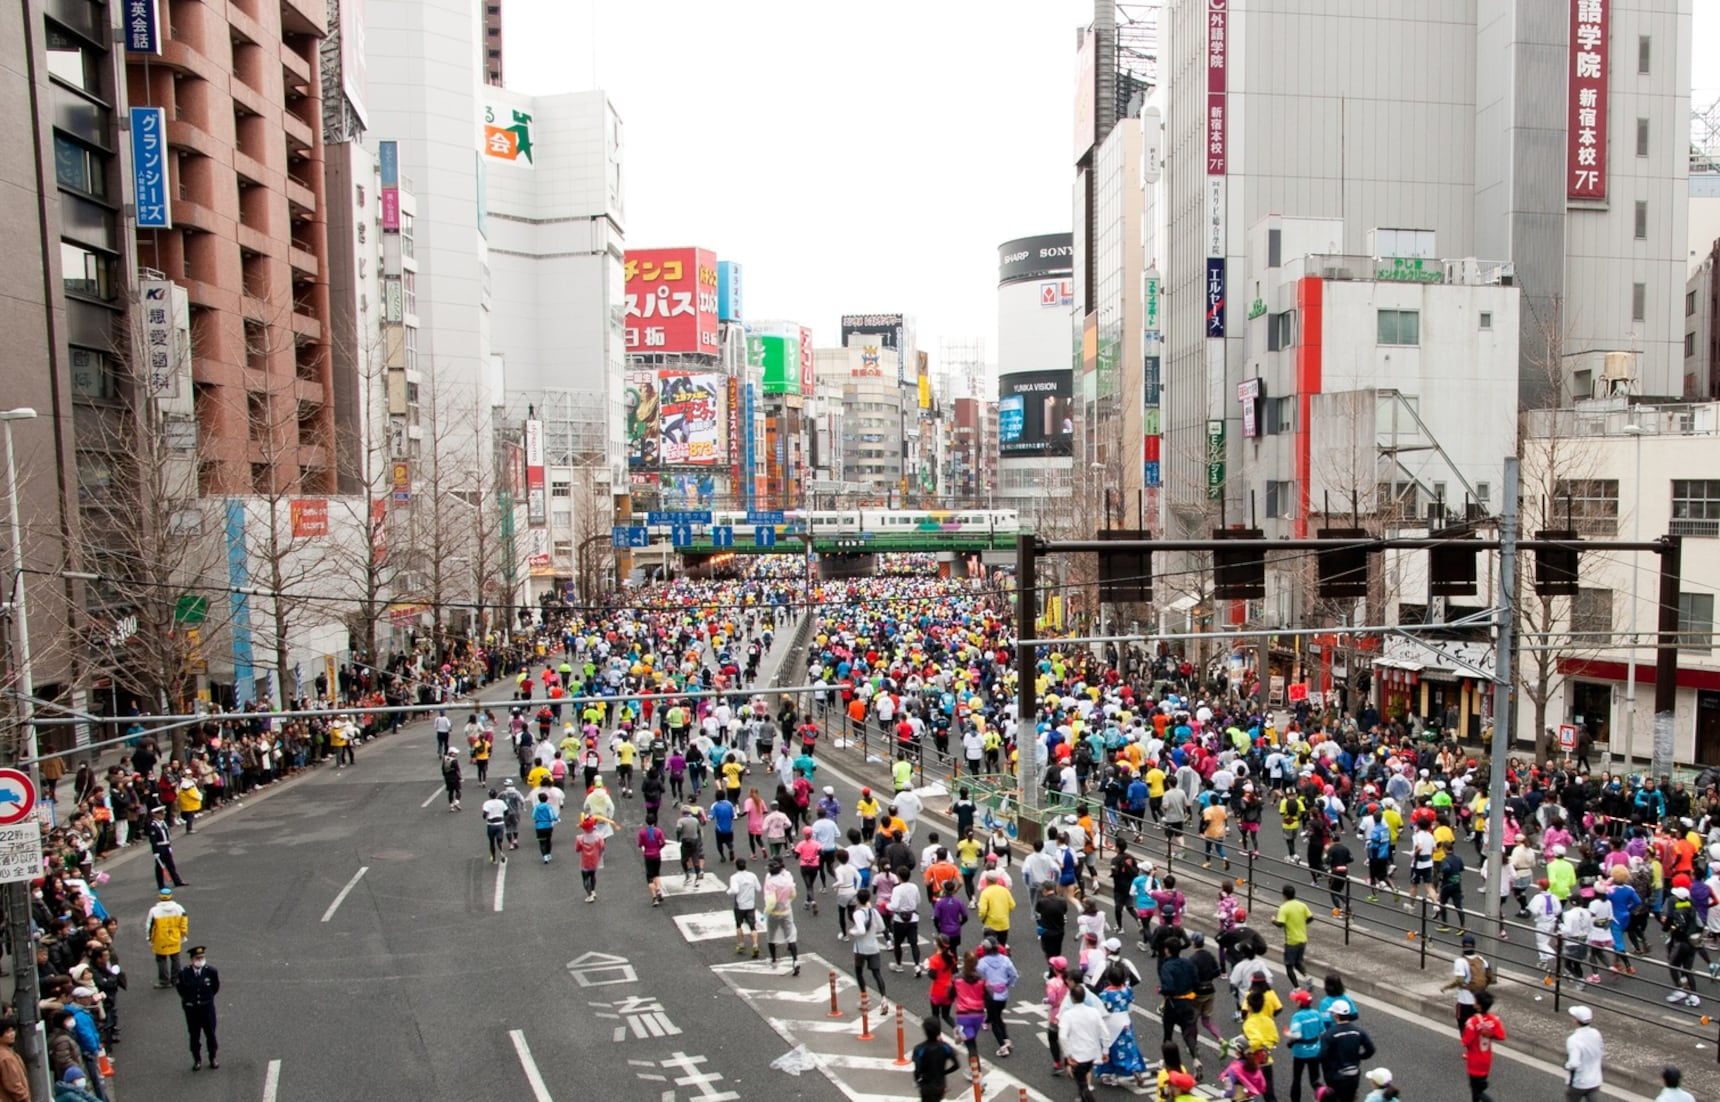 รวมงานวิ่งมาราธอนในญี่ปุ่น